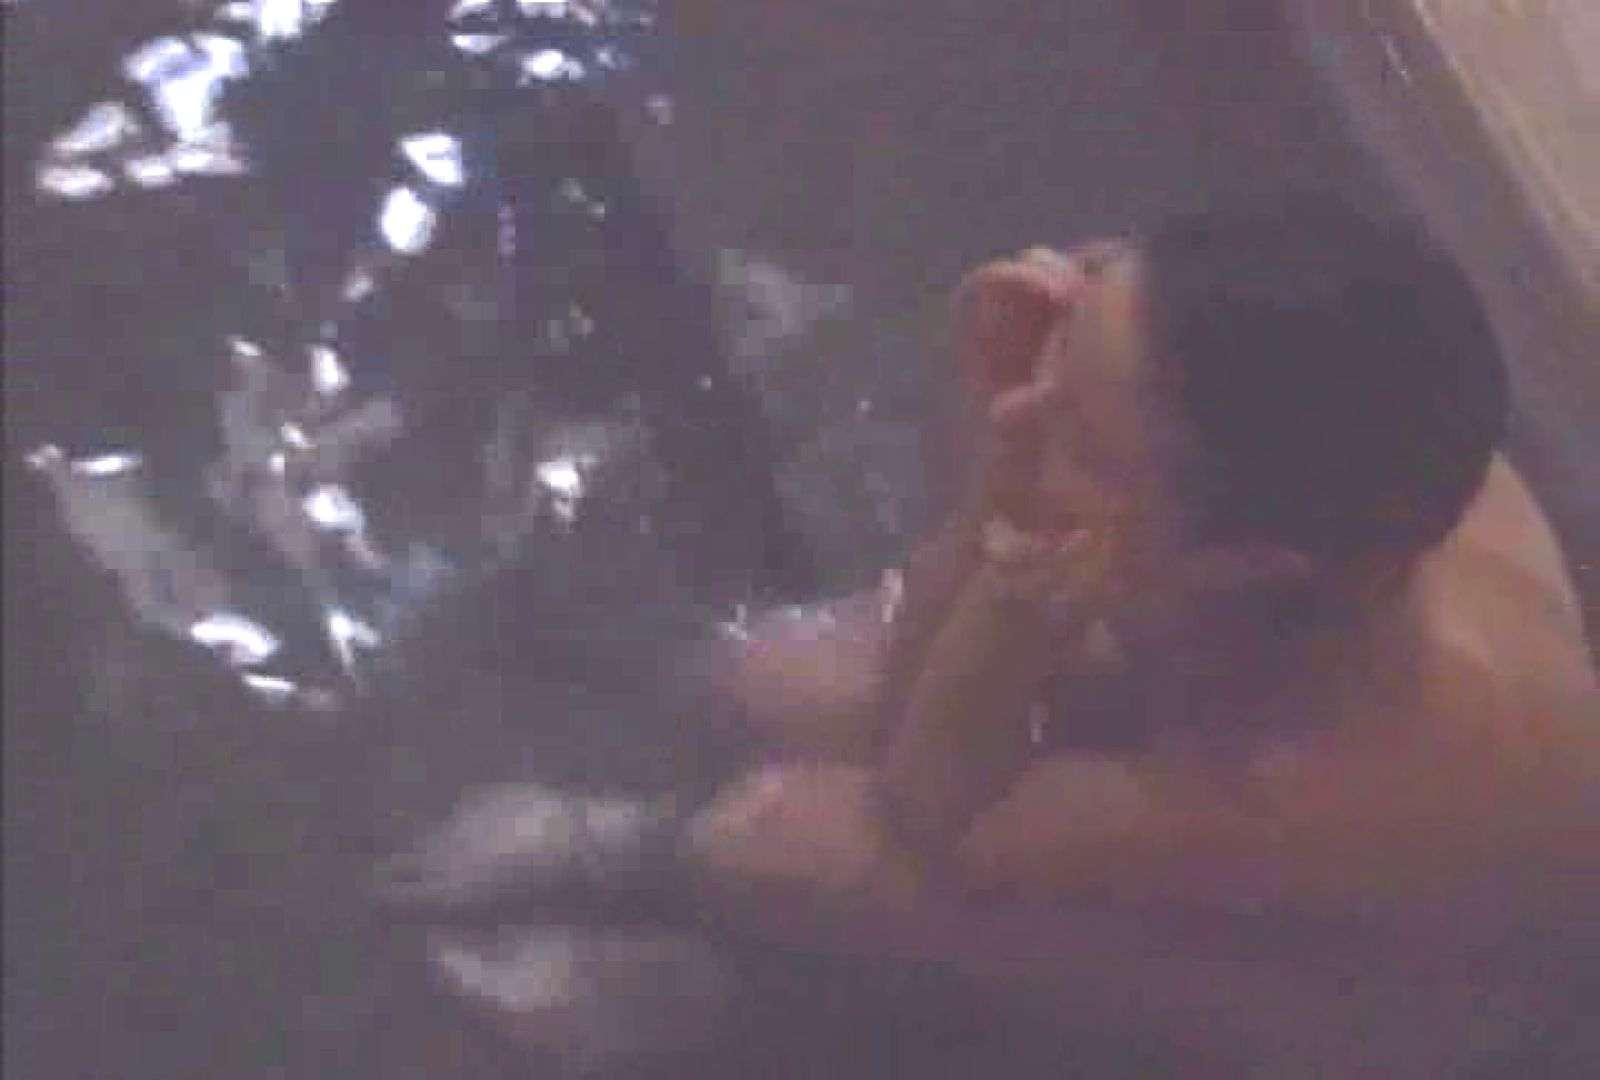 素人投稿シリーズ 盗撮 覗きの穴場 大浴場編  Vol.2 投稿 盗み撮り動画キャプチャ 91連発 38